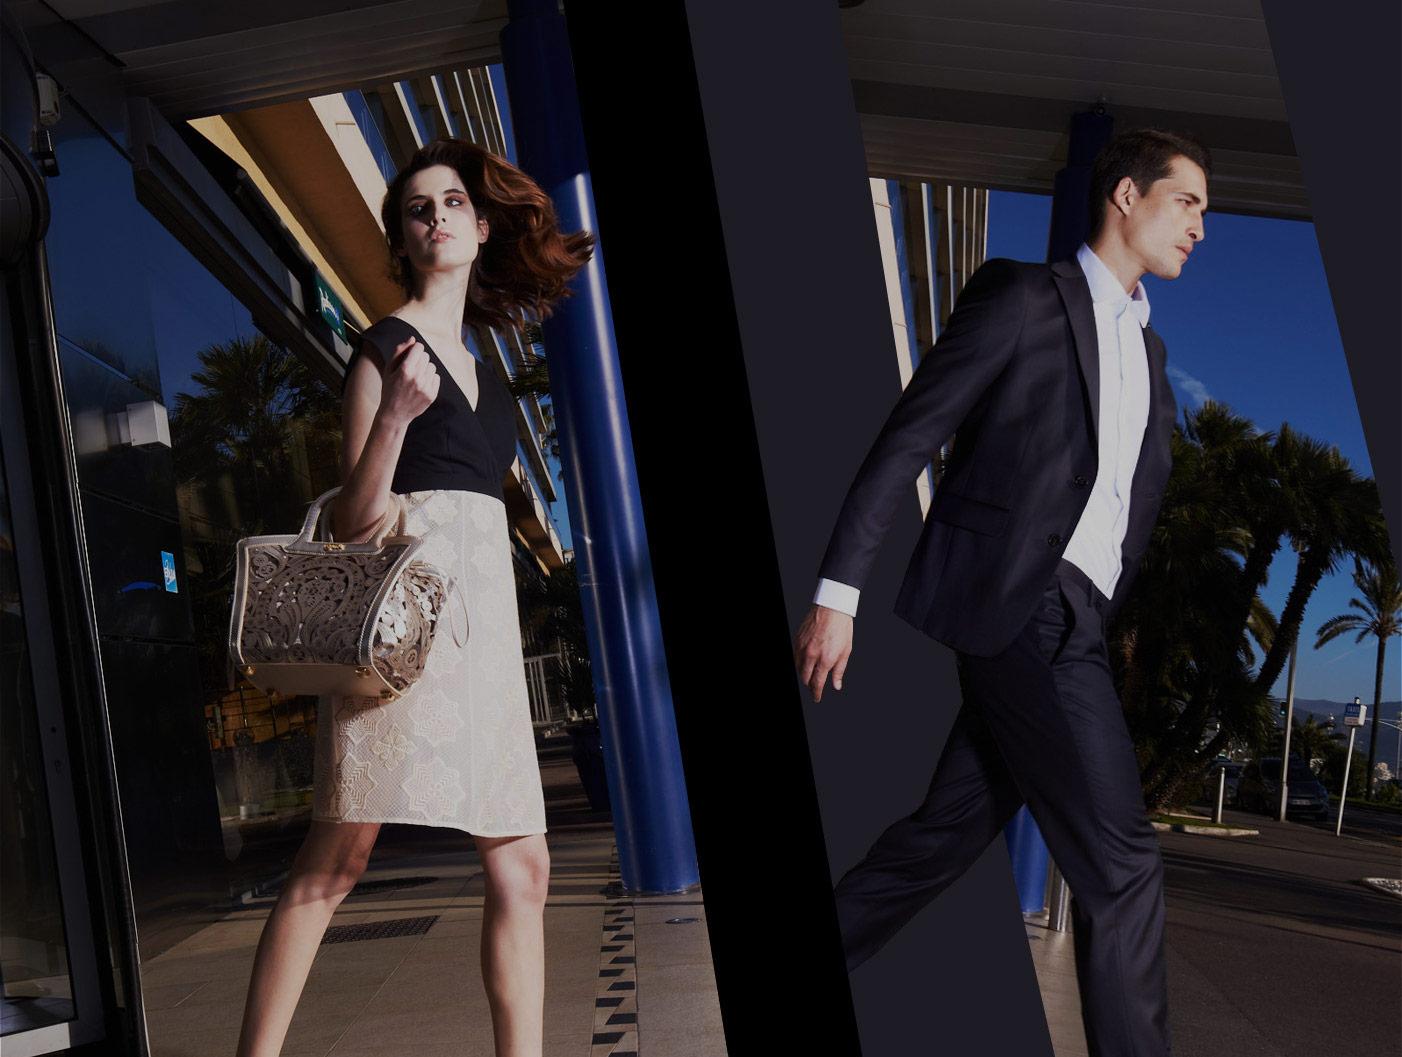 Fabi Calzature e Abbigliamento Uomo Donna Made in Italy - Fabishoes.it